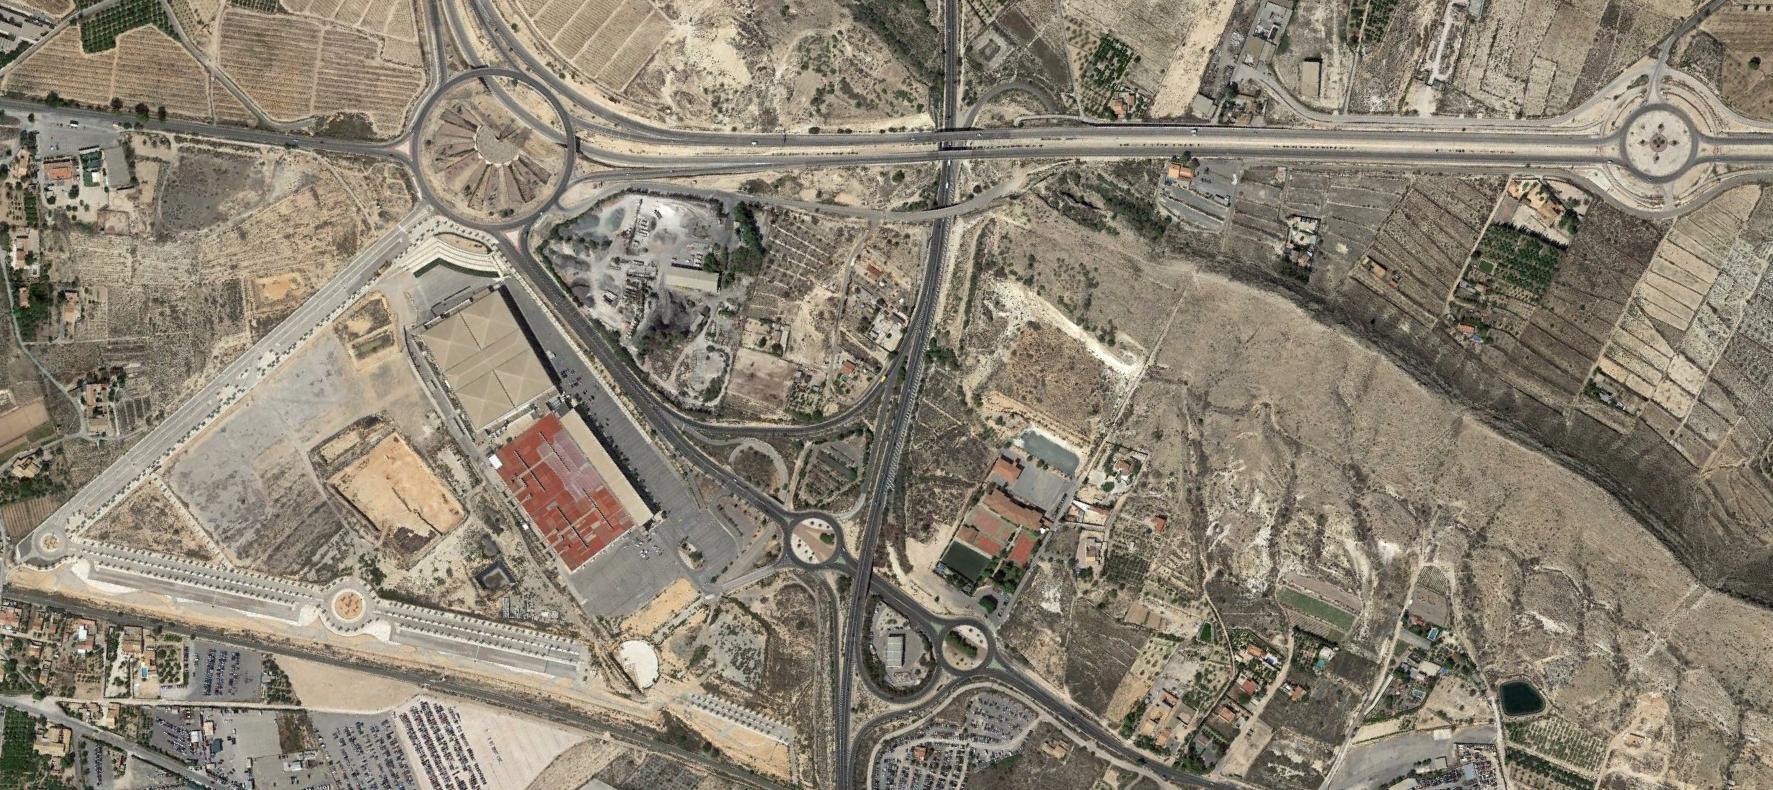 torrellano, alicante, topónimo genérico, después, urbanismo, planeamiento, urbano, desastre, urbanístico, construcción, rotondas, carretera